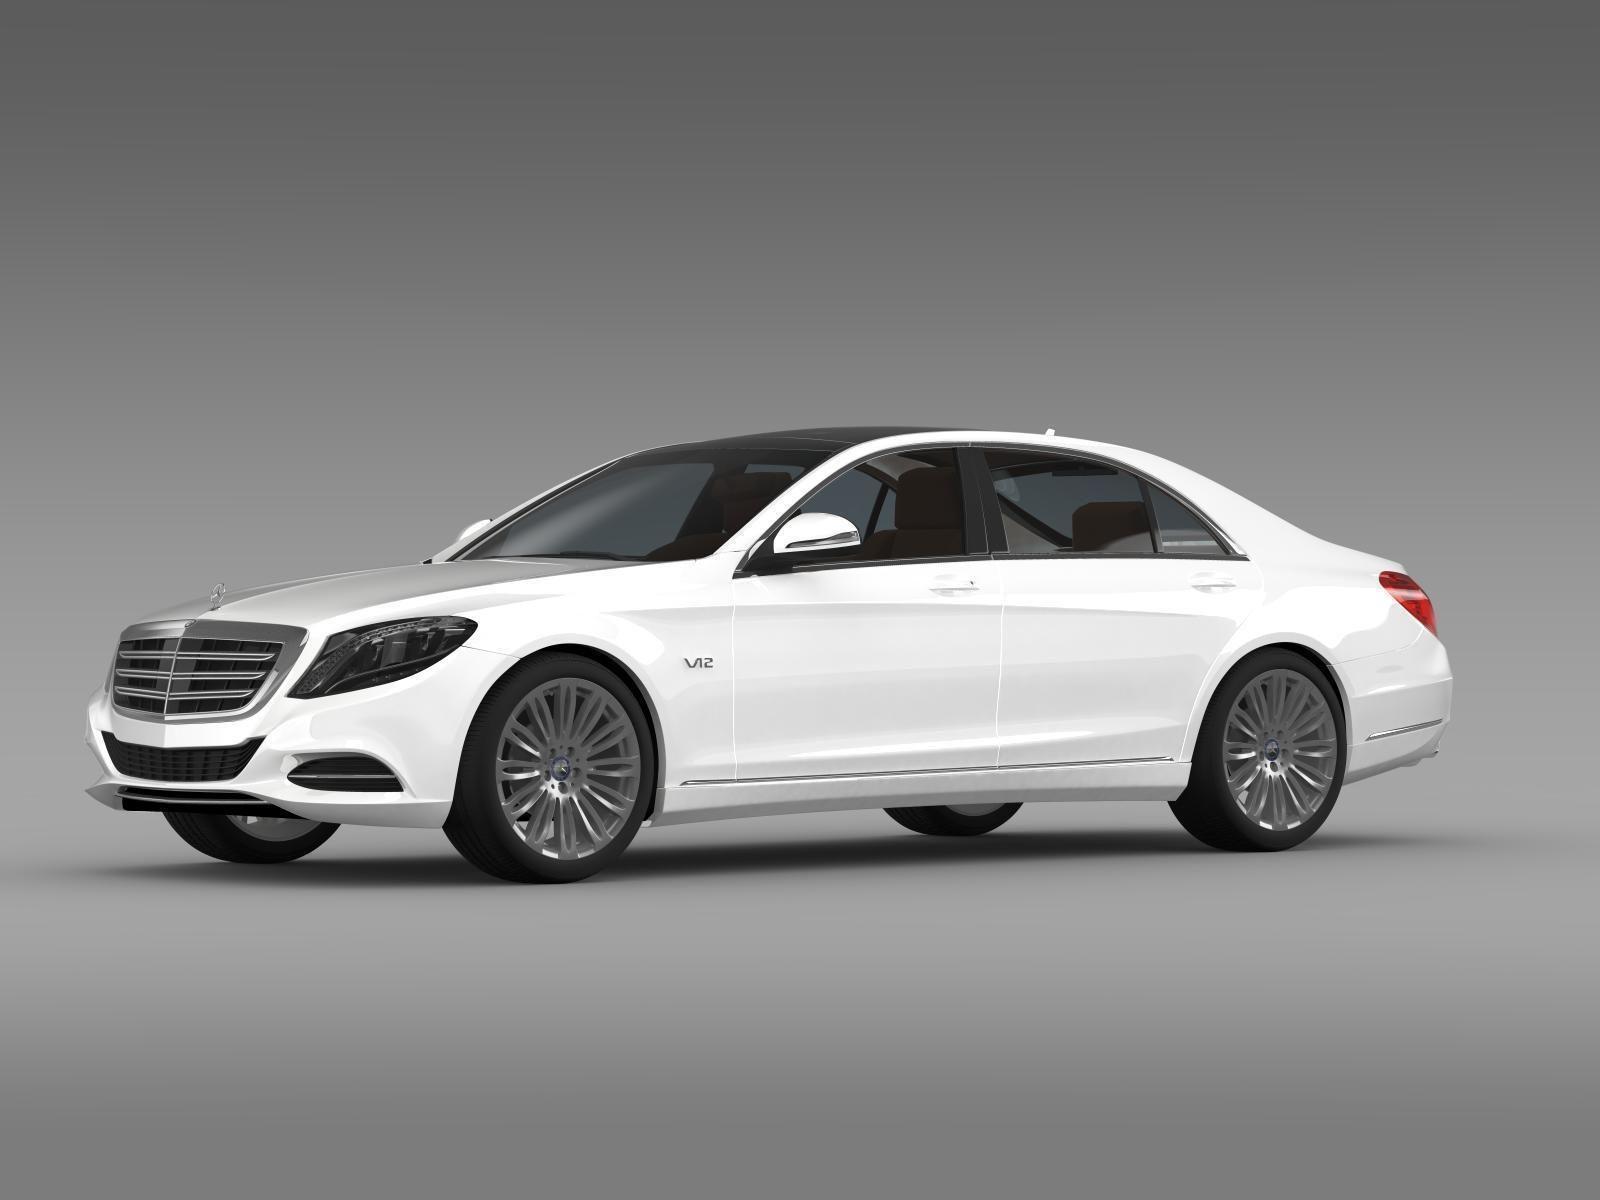 Mercedes benz s 600 v12 w222 2014 3d model max obj 3ds fbx for Mercedes benz model s